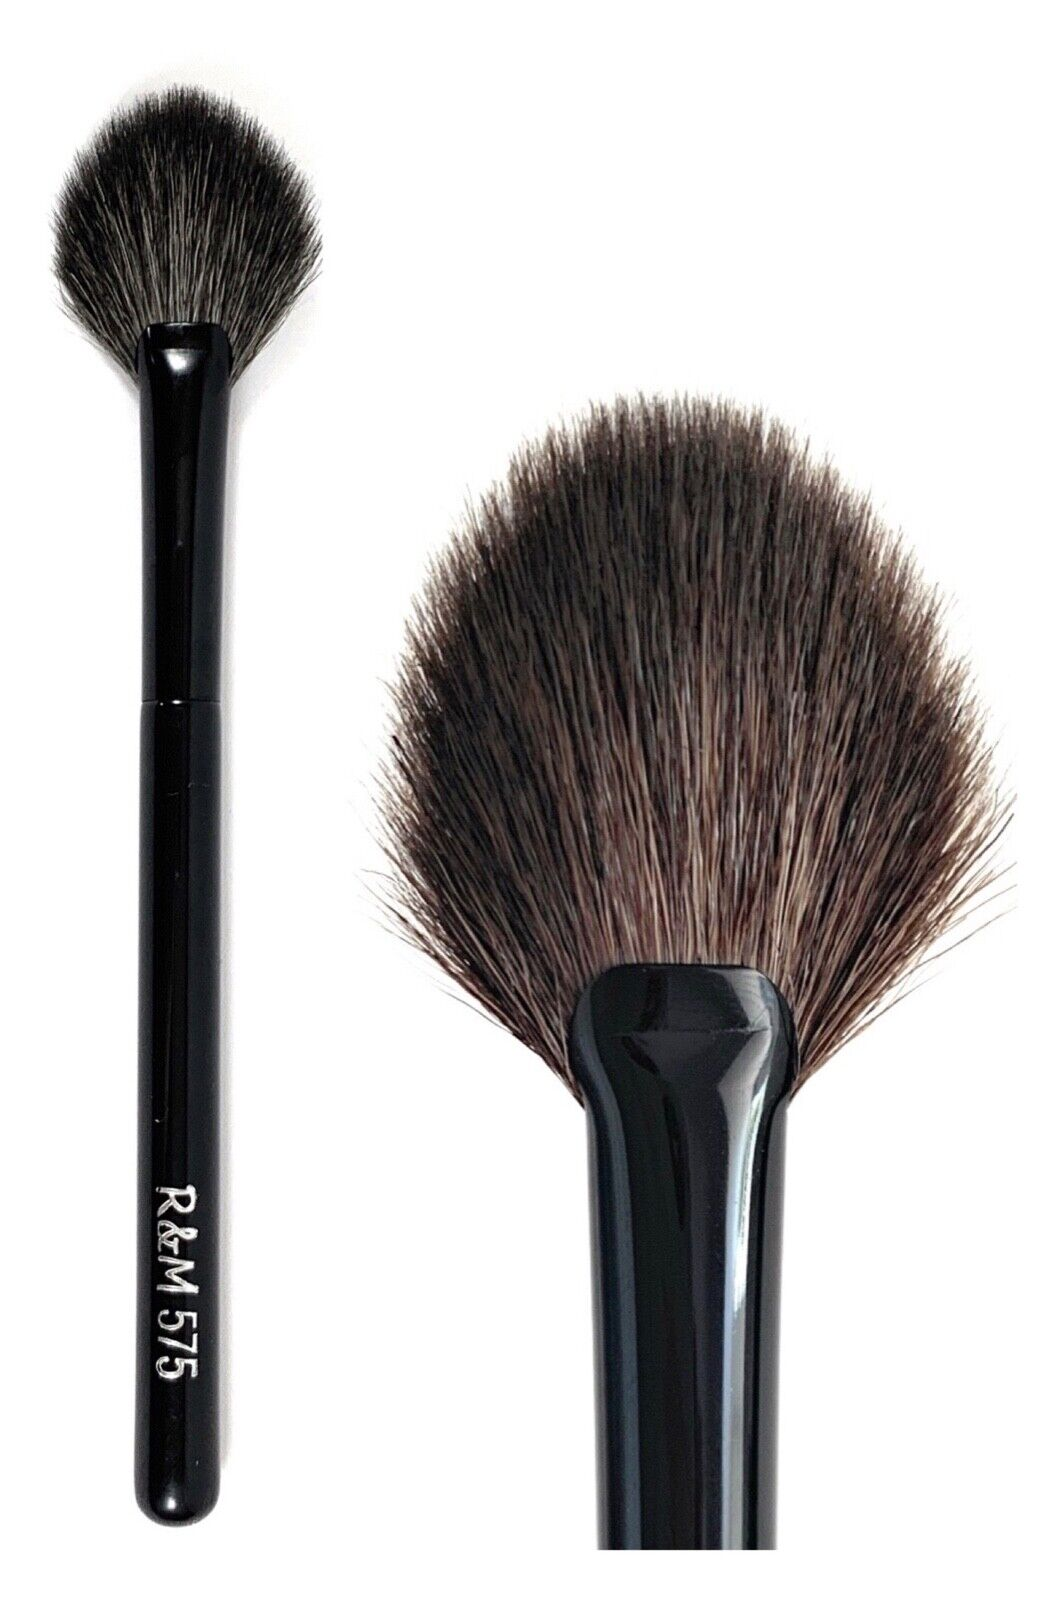 575 Oval fan highlighter brush